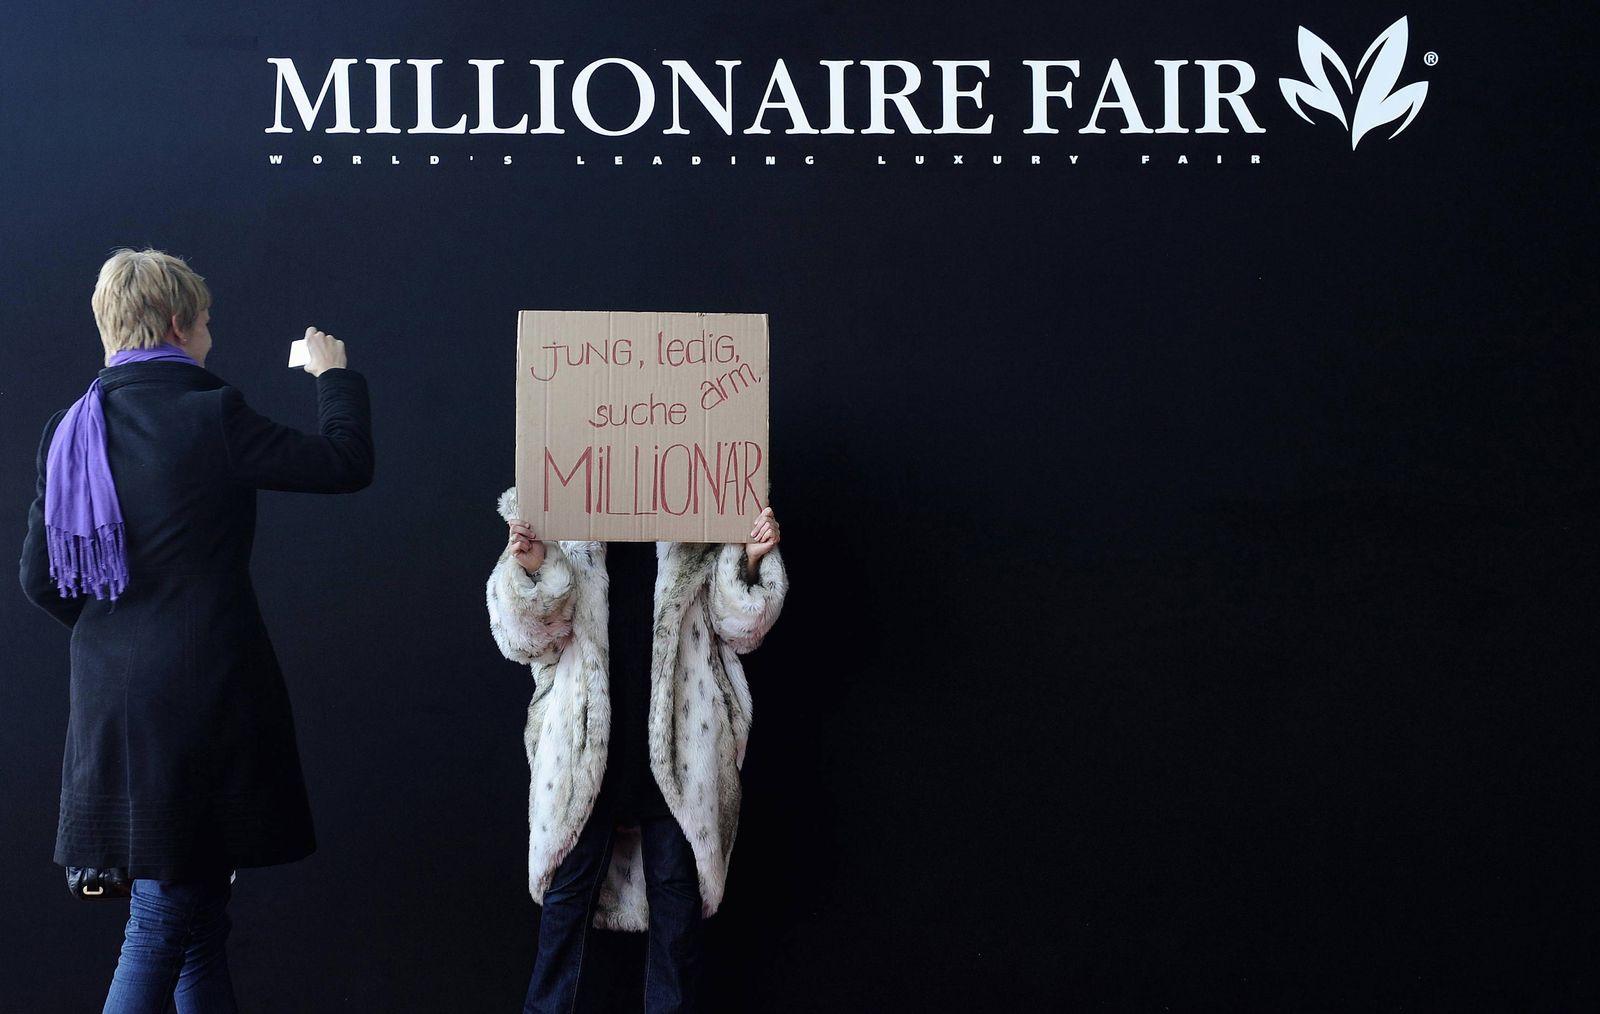 NICHT VERWENDEN Millionaersmesse Millionaire Fair Millionaer